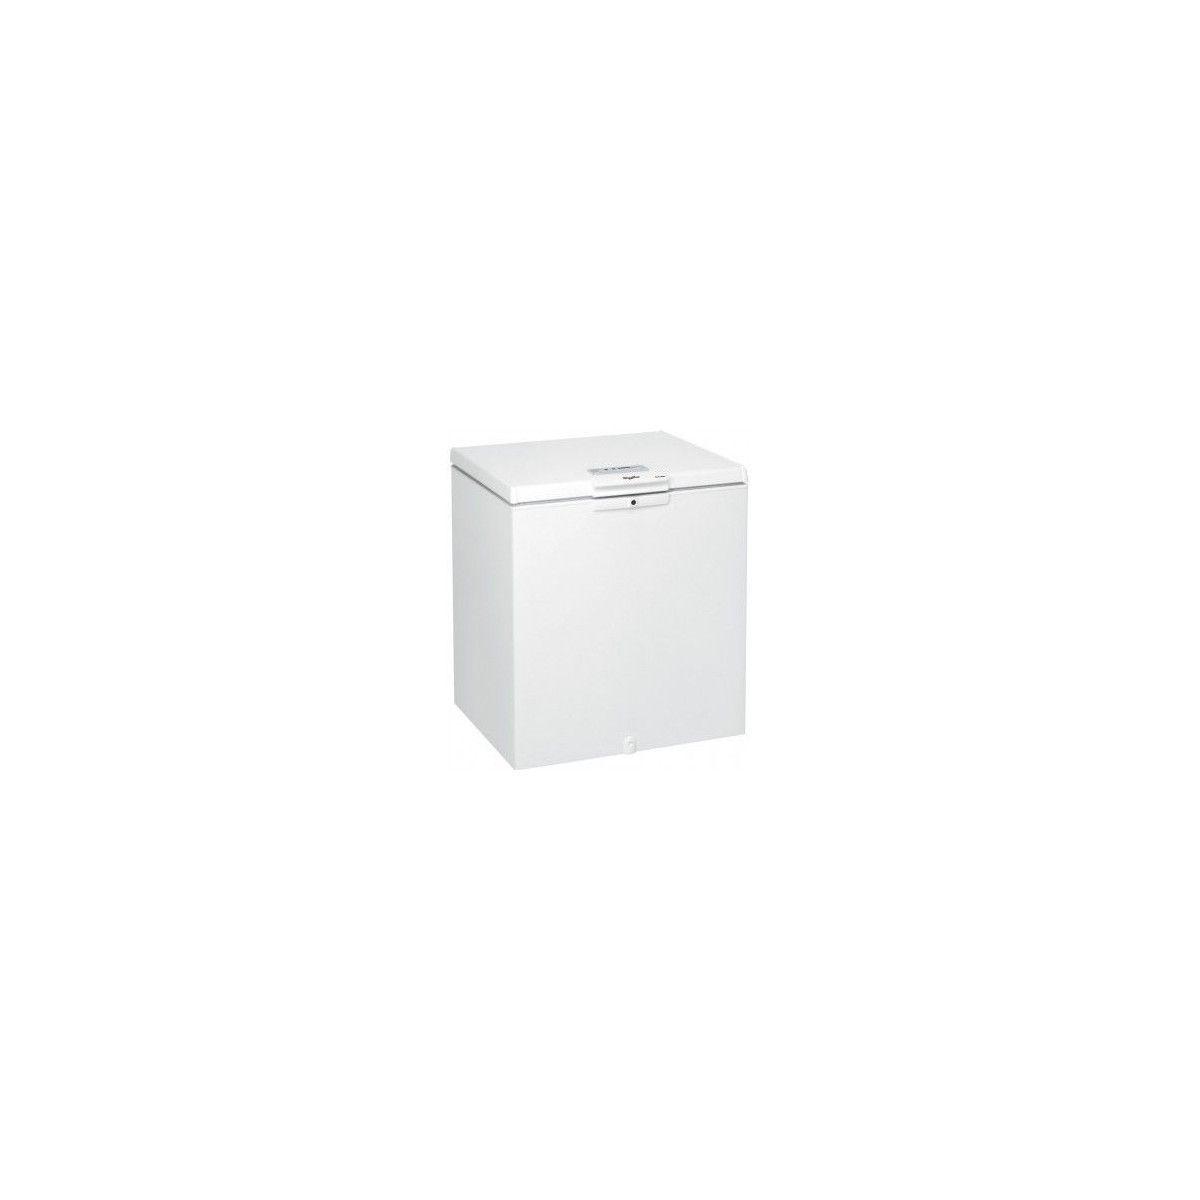 Blanc cong/élateur Coffre, 204 L, 15 kg//24h, SN-T, A+, Blanc Cong/élateurs Whirlpool WH2111 Autonome Coffre 204L A